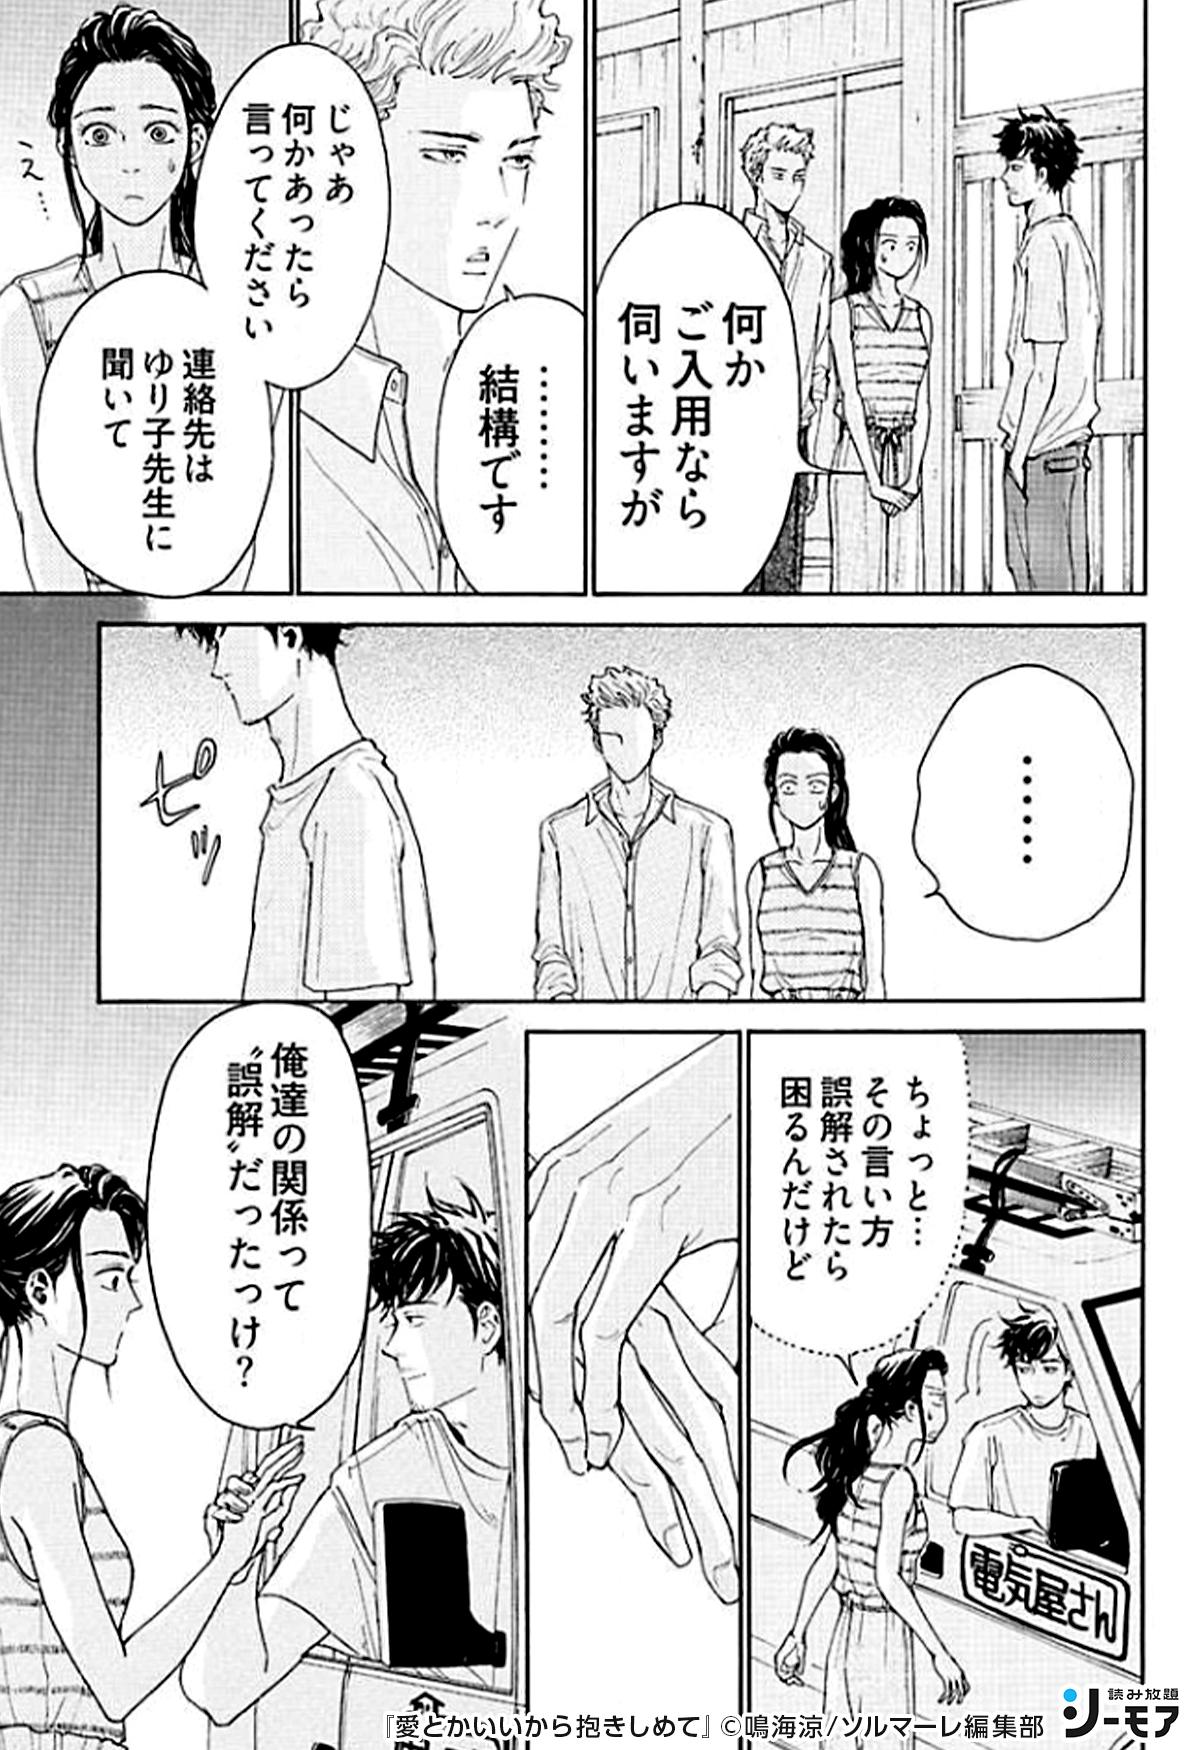 読み 放題 漫画 大人